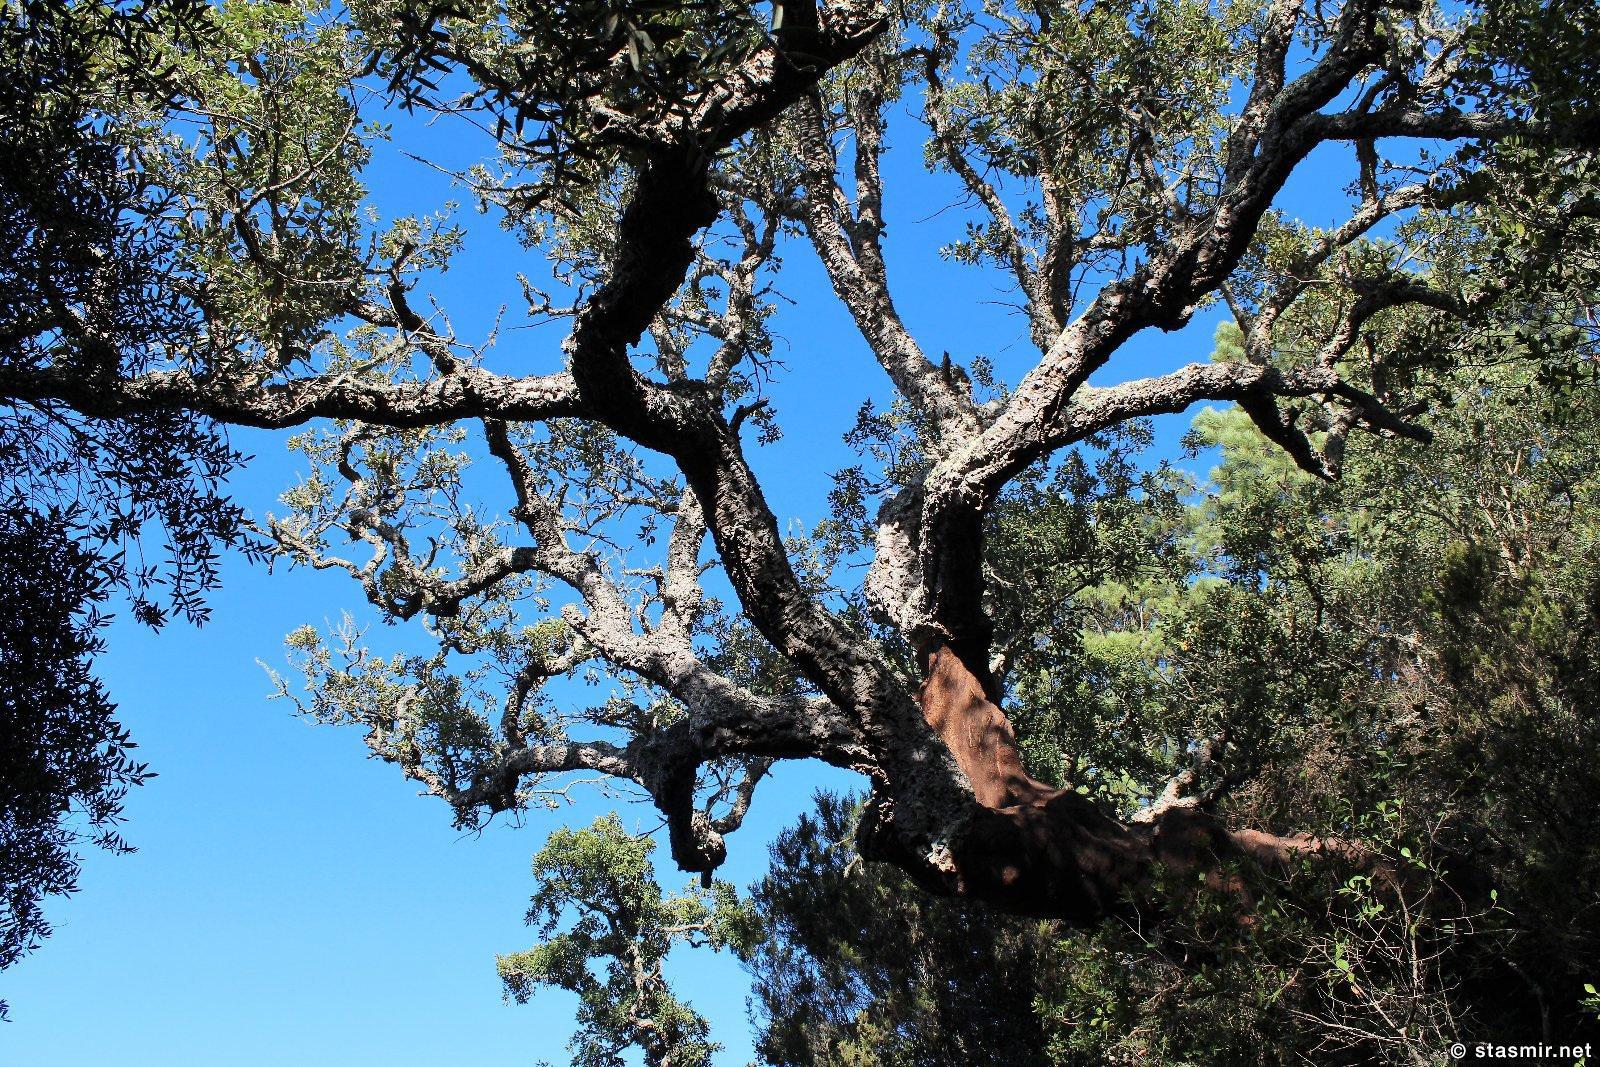 пробковый дуб на тропе Рота Висентина в Португалии, фото Стасмир, photo Stasmir